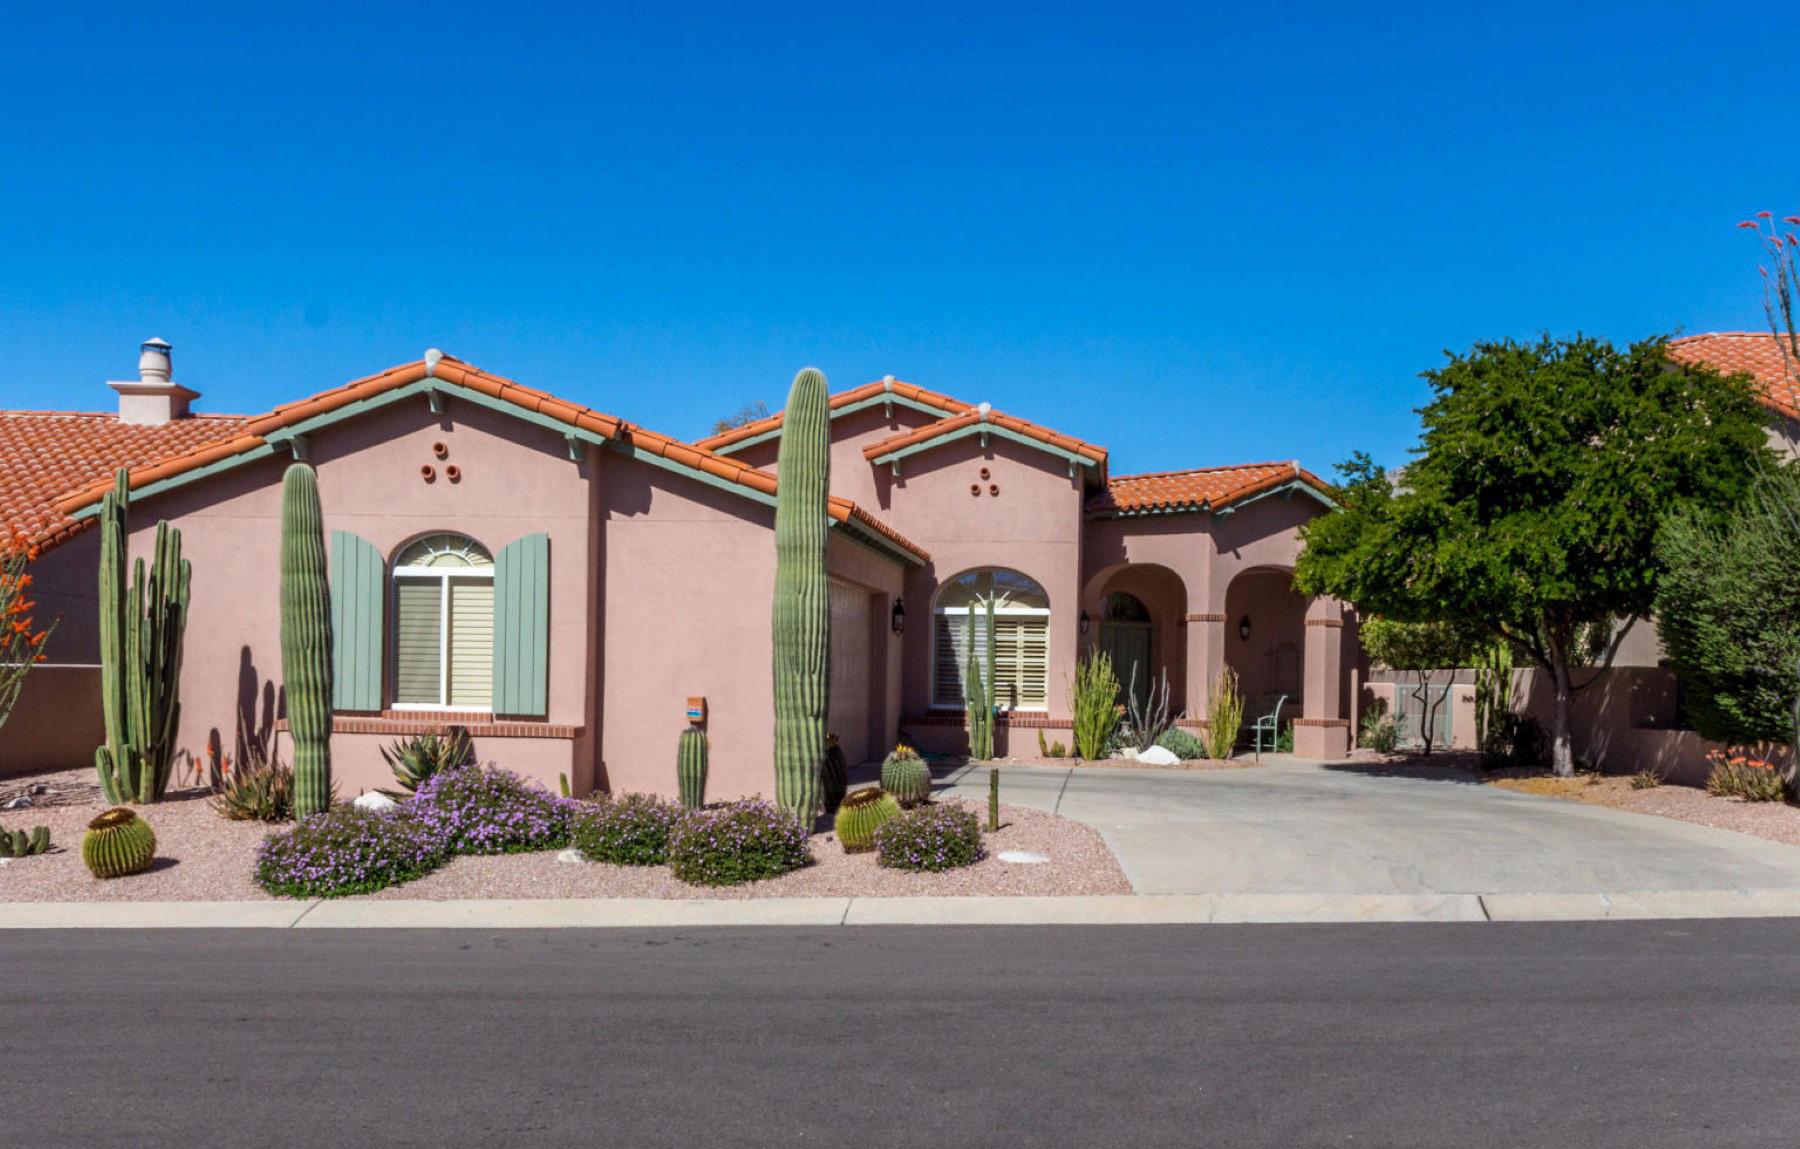 独户住宅 为 销售 在 Ventana Canyon Country Club Estates Lot 2 6535 N Desert Breeze Court 图森, 亚利桑那州, 85750 美国